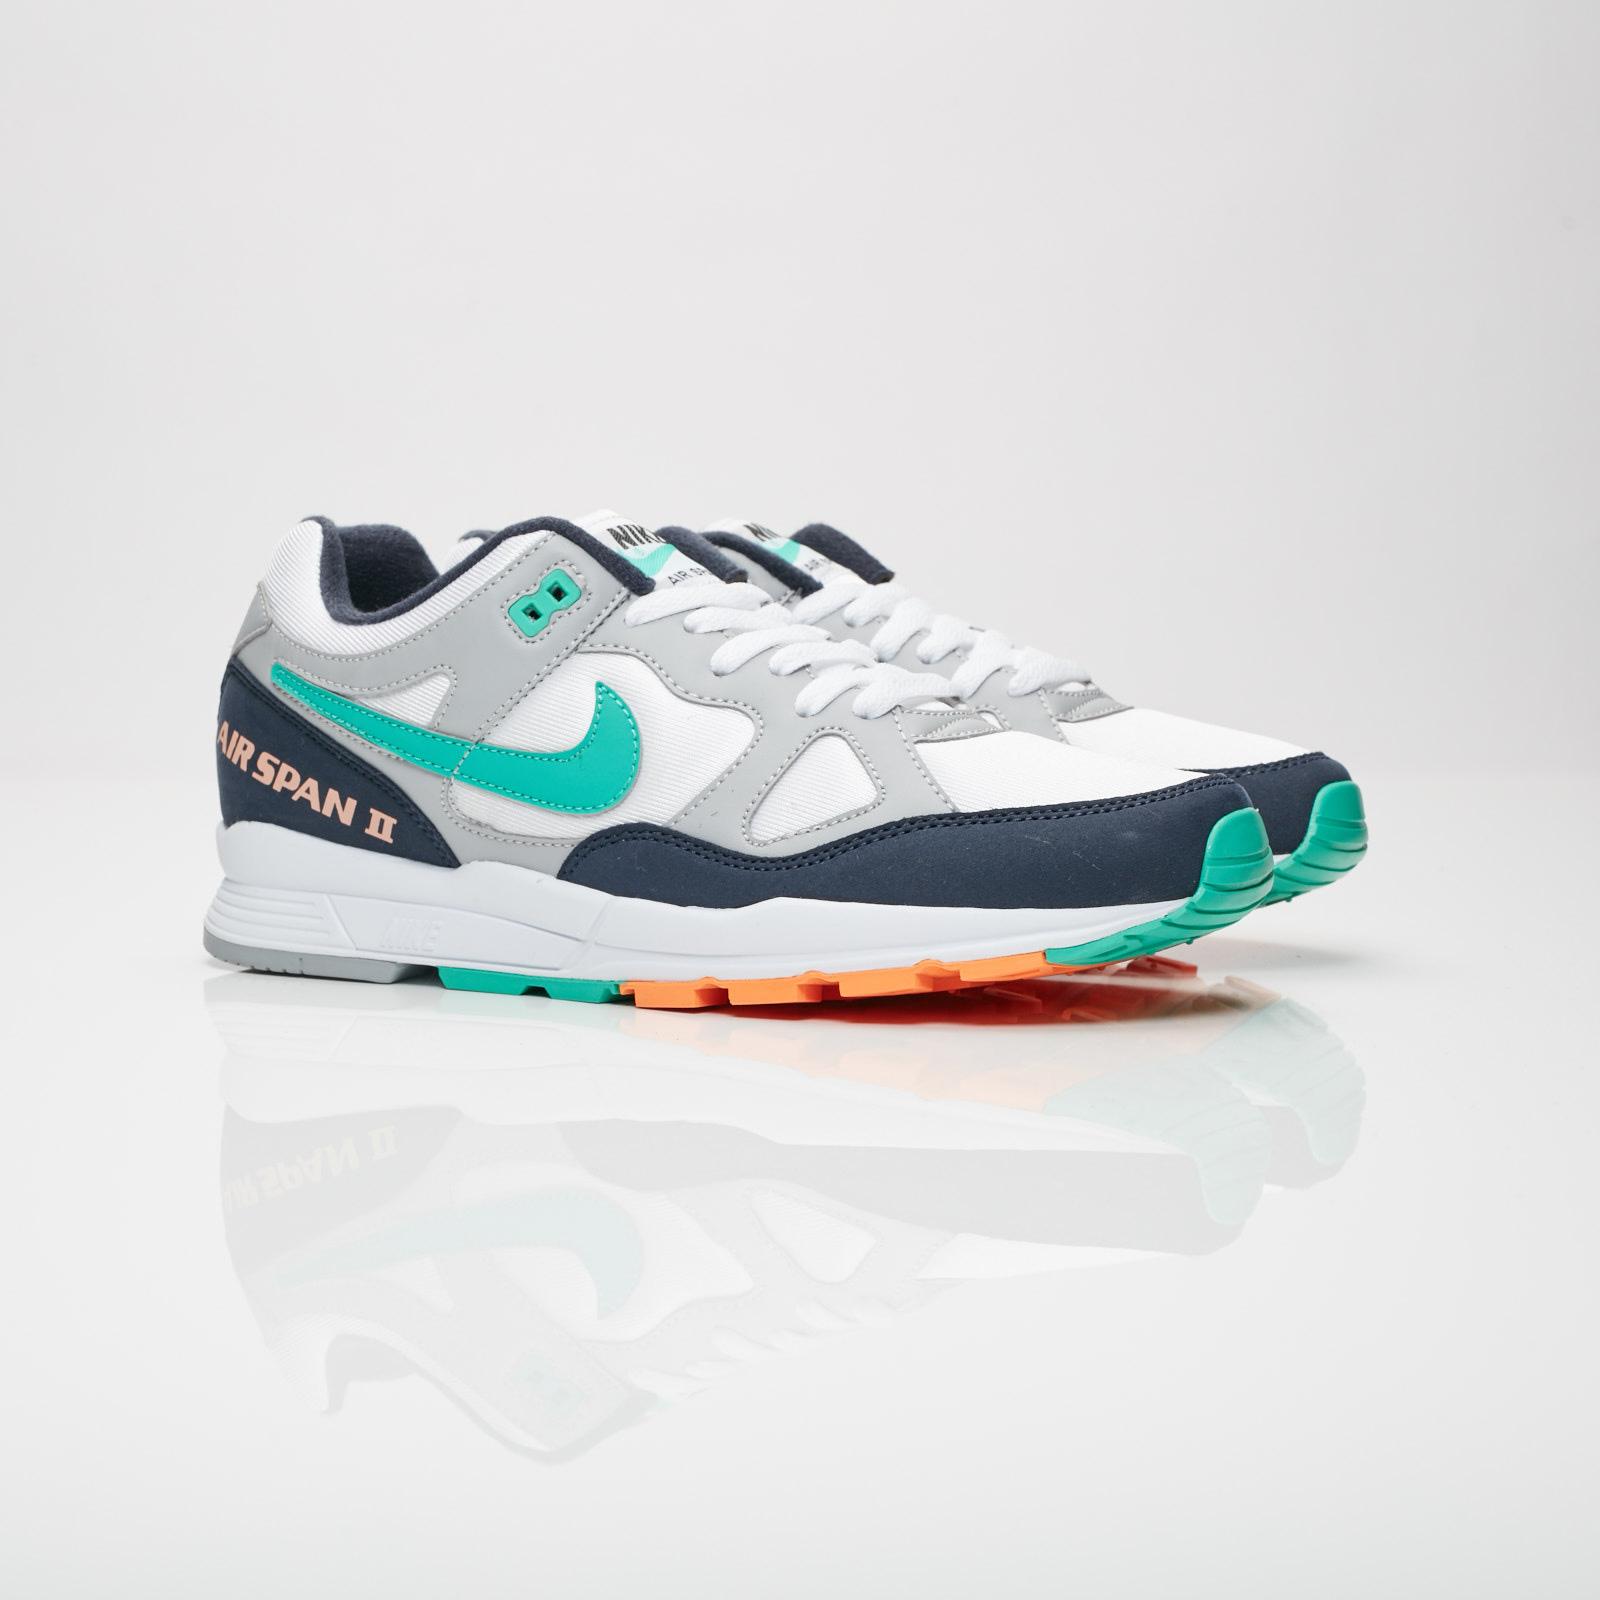 2df244e4db Nike Air Span II - Ah8047-006 - Sneakersnstuff | sneakers ...